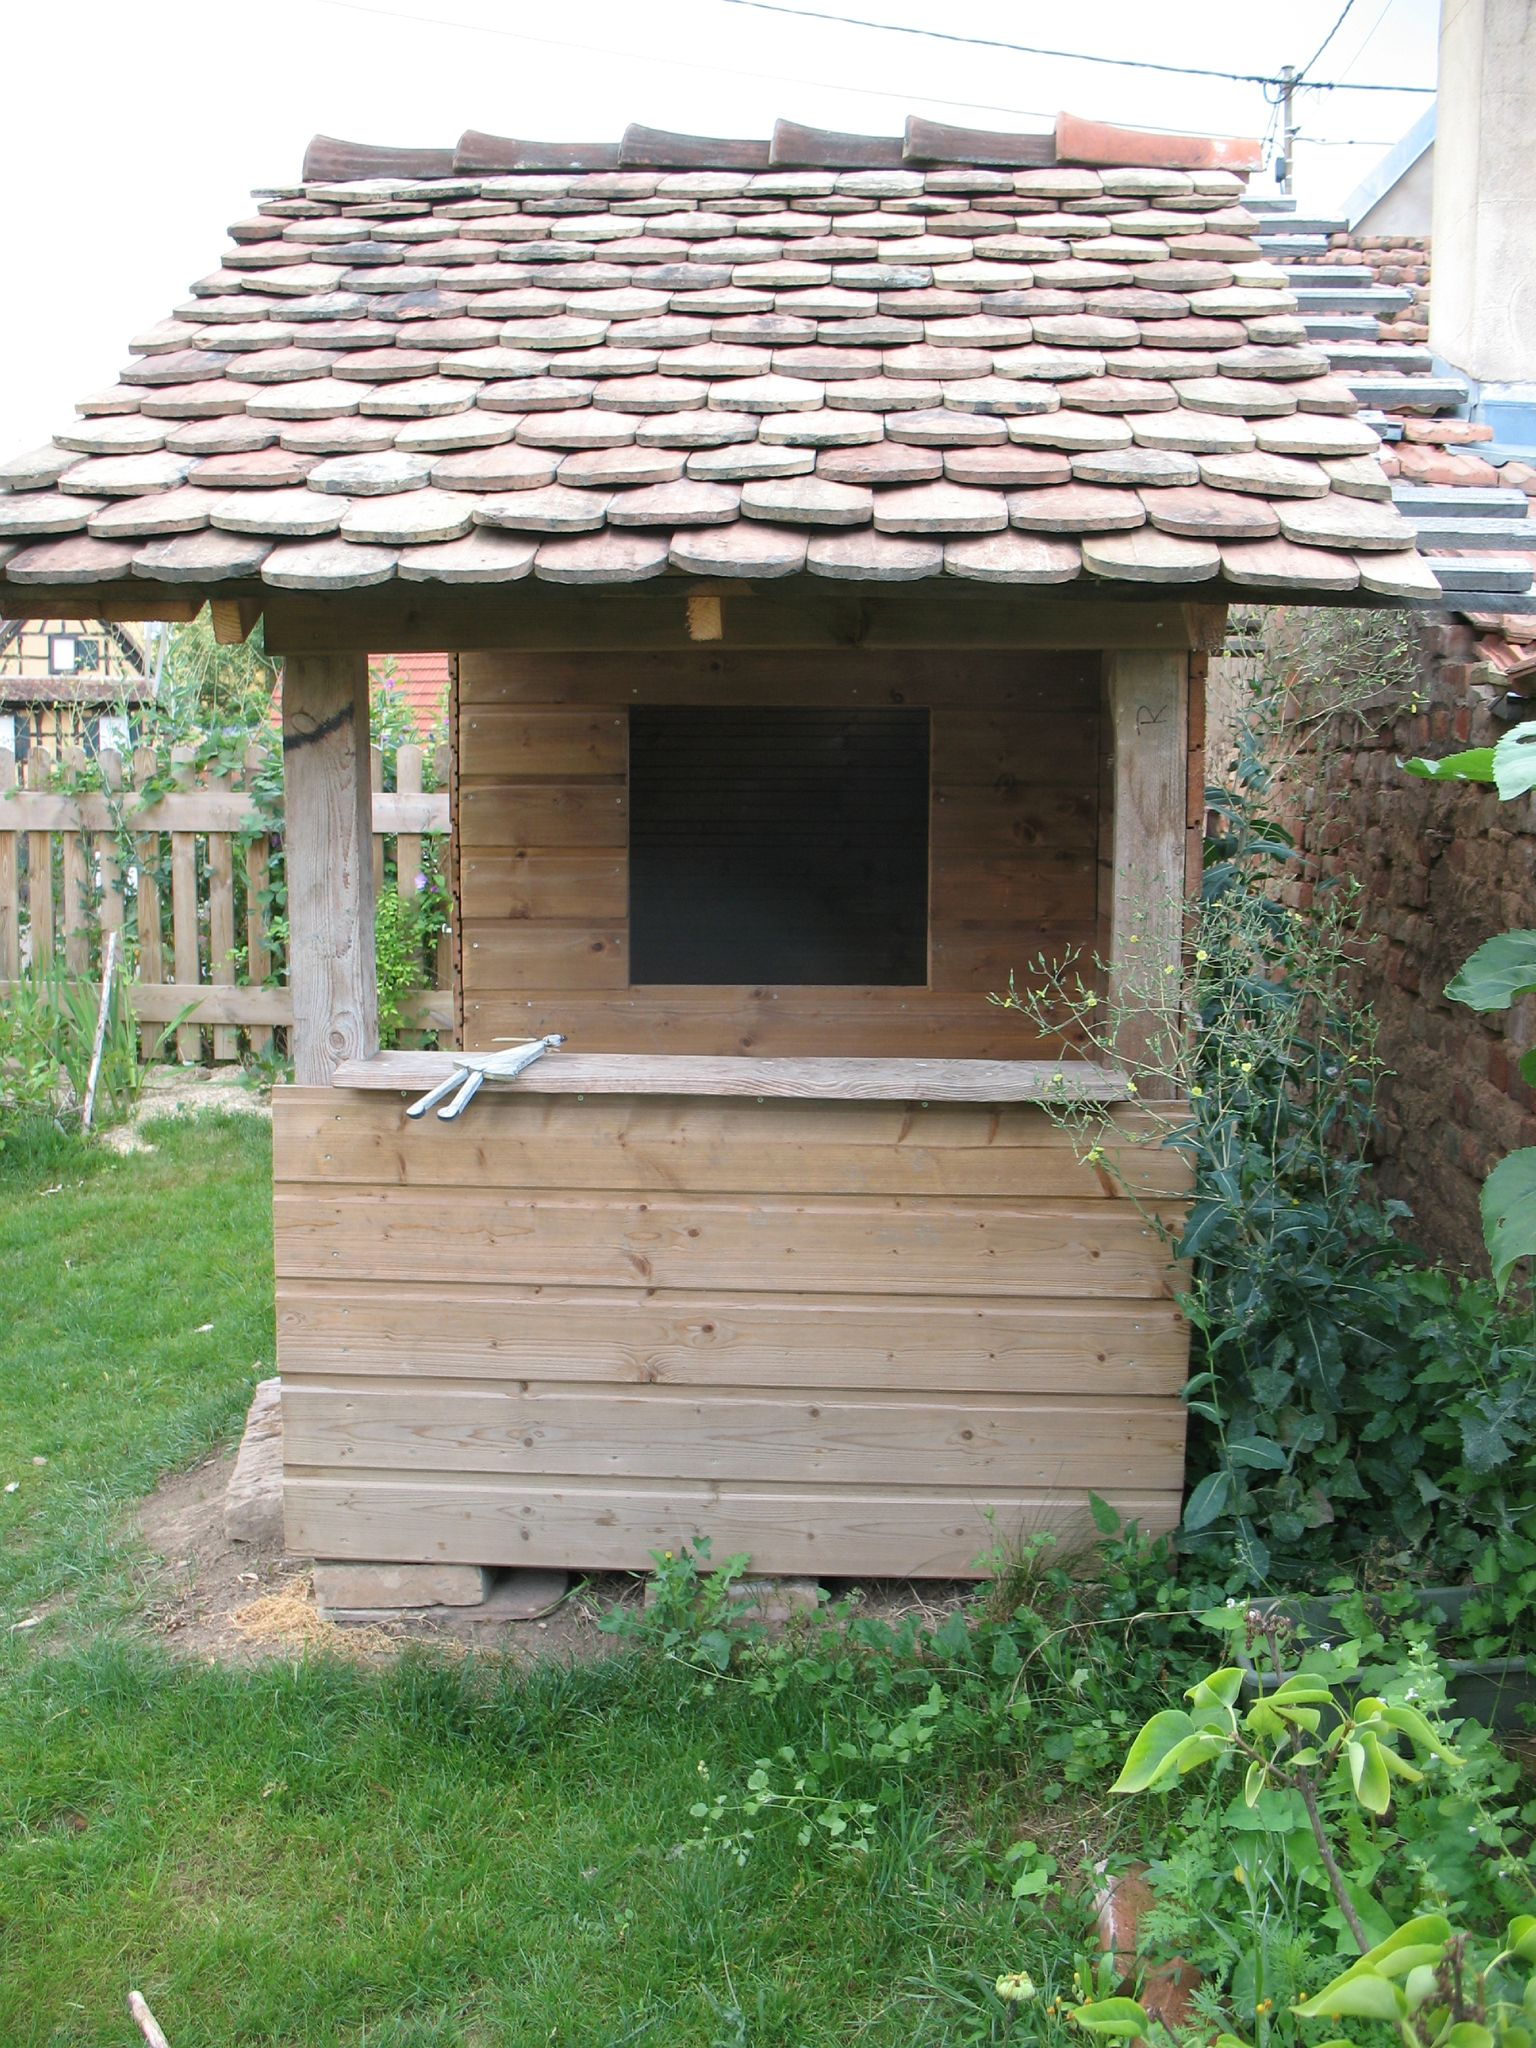 Cabane d 39 enfants au fond du jardin et son ammenagement int rieur brin et brindille atelier - Cabane jardin atelier besancon ...